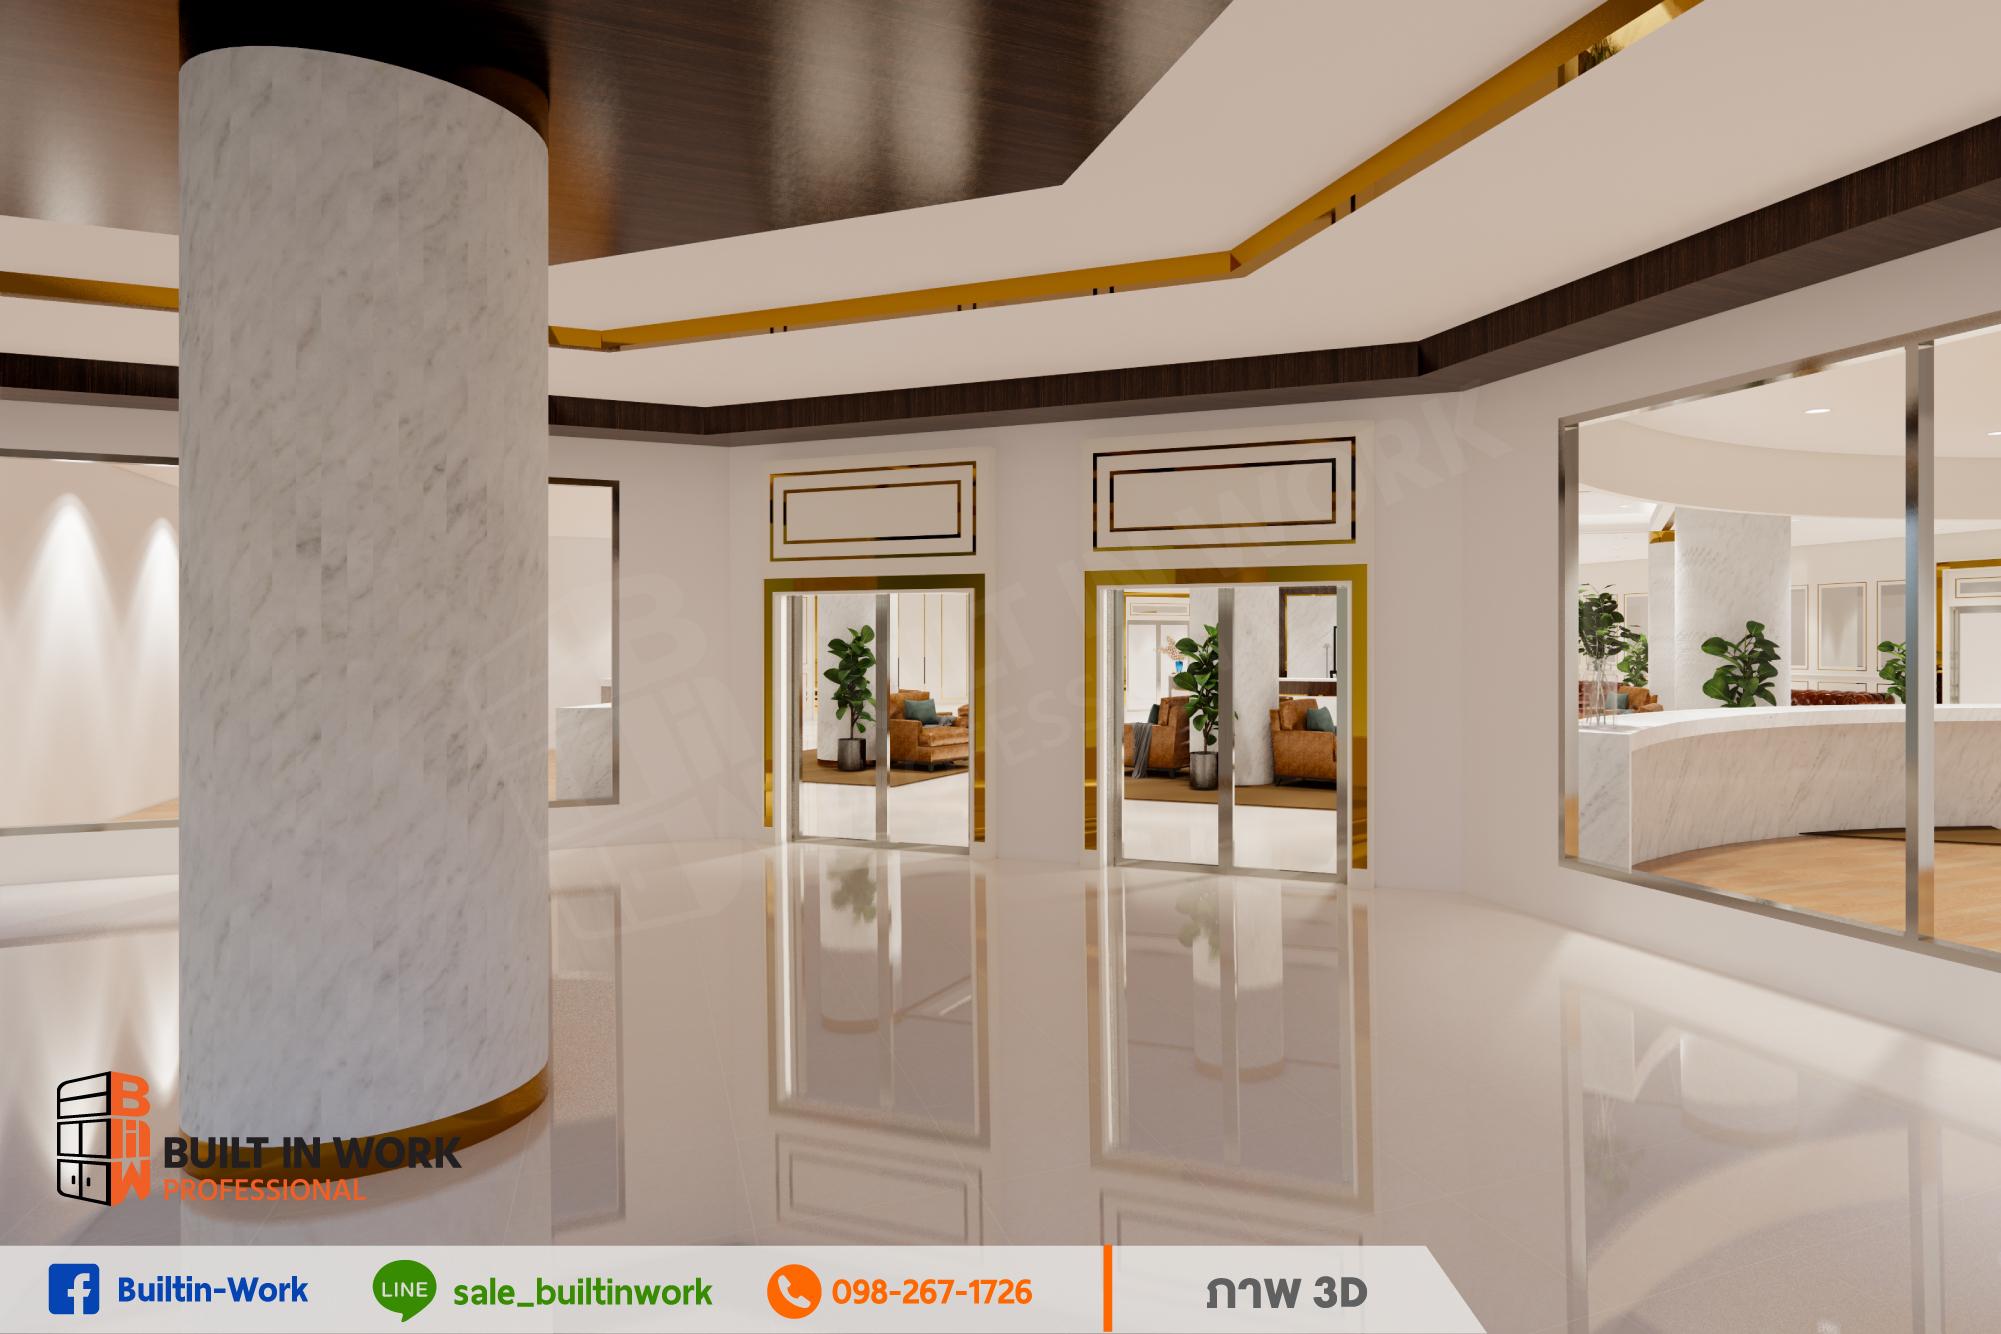 ผลงานออกแบบตกแต่งโรงพยาบาล Modern & Luxury Style